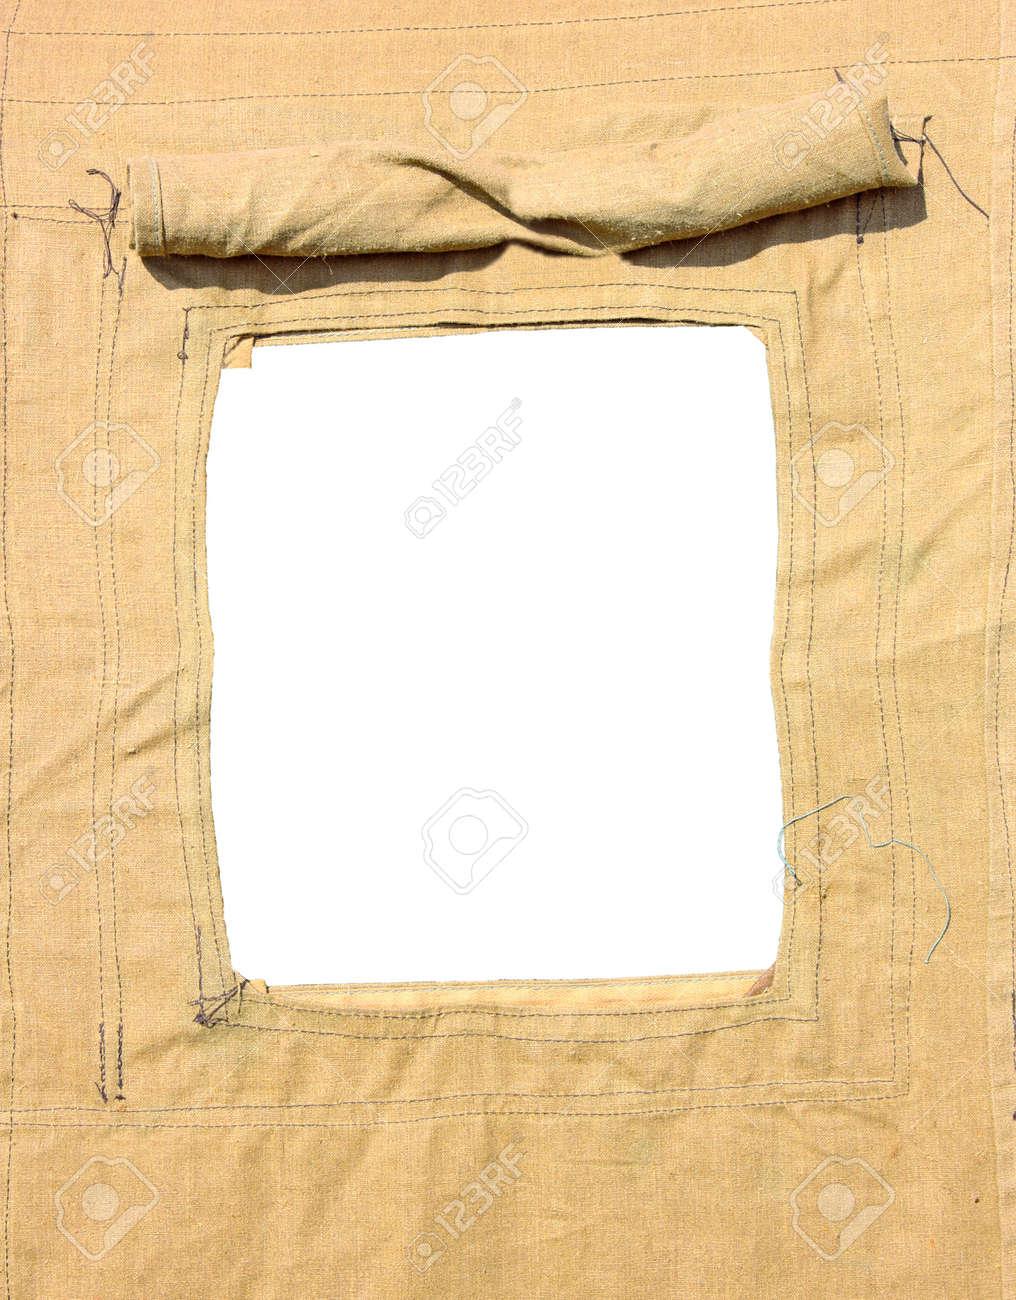 Fenster, Militär Zelt Als Rahmen Lizenzfreie Fotos, Bilder Und Stock ...